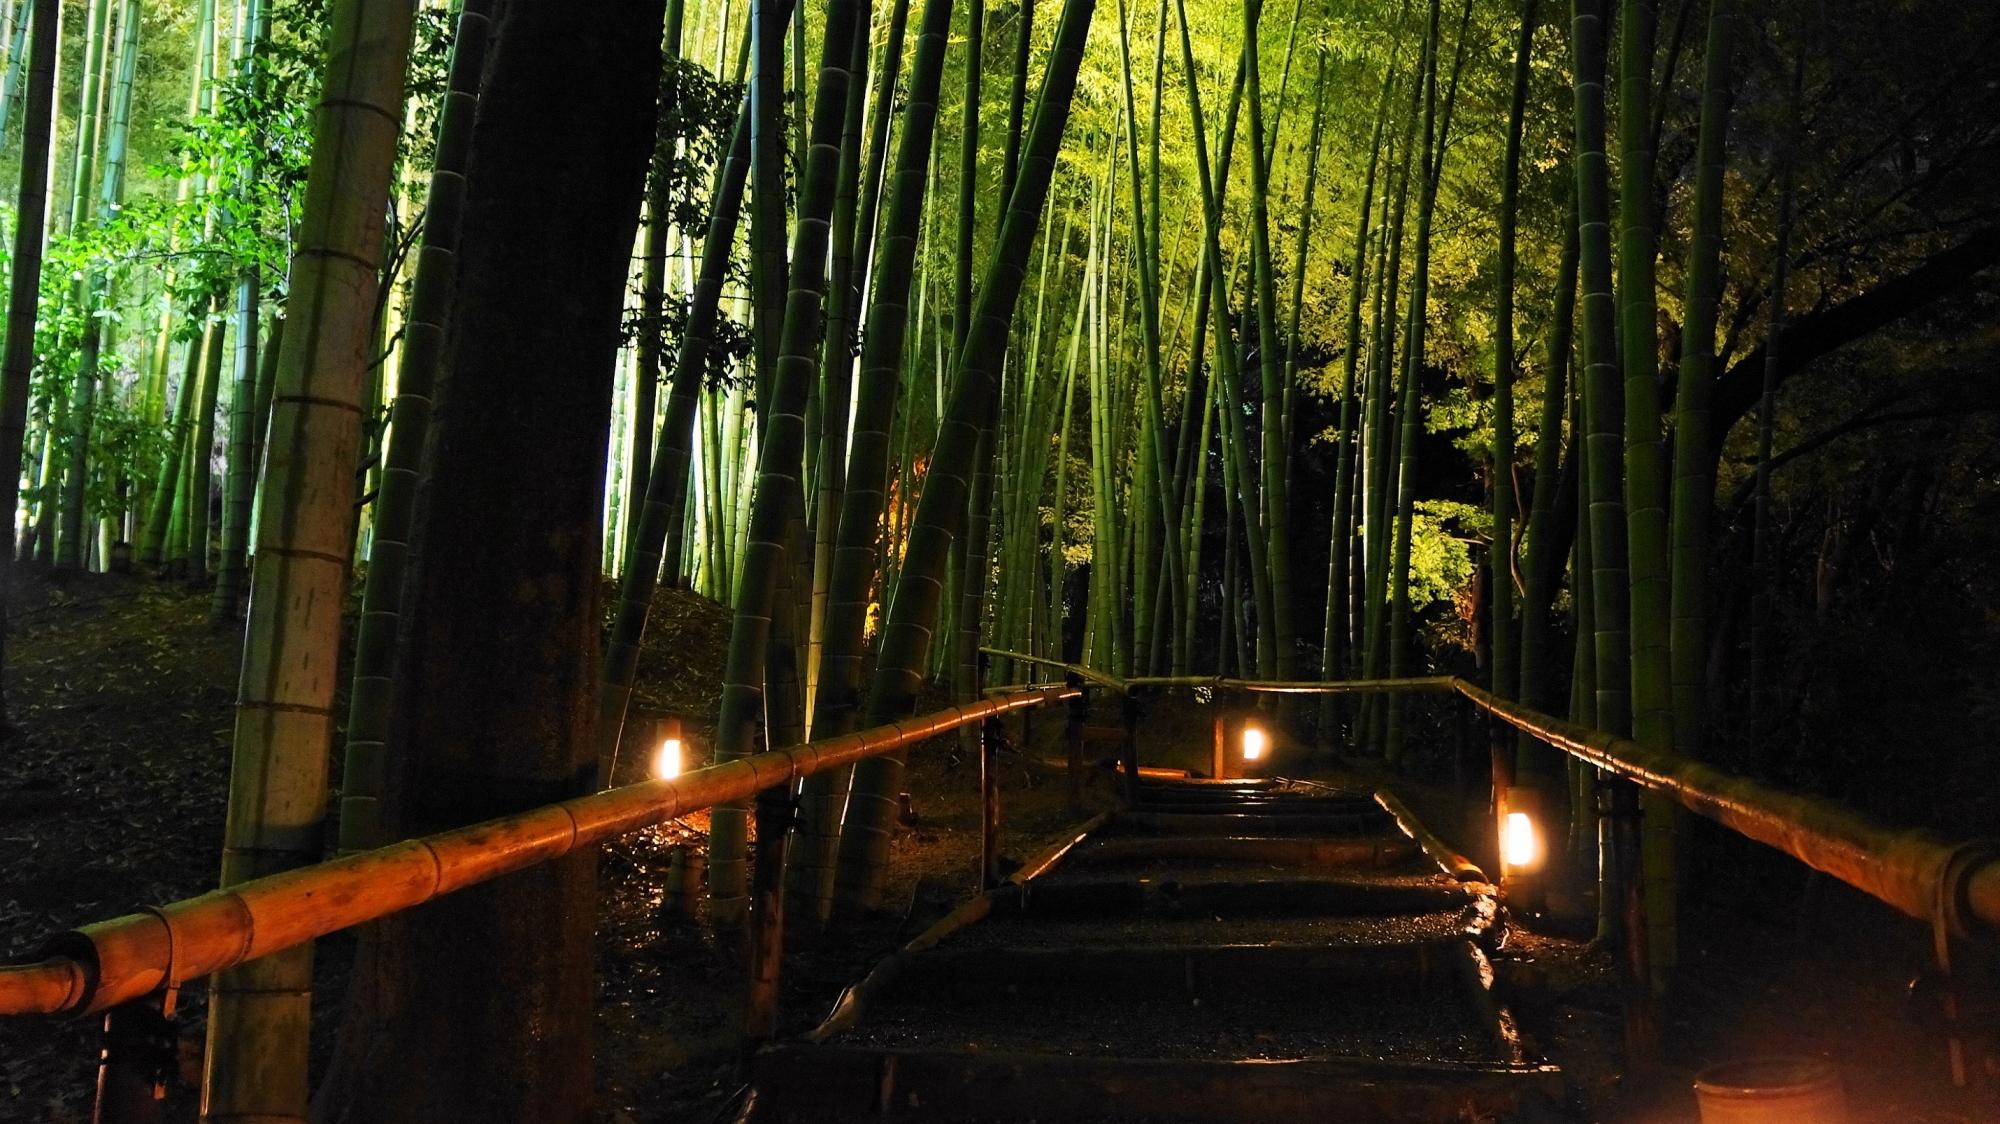 京都高台寺の竹林の幻想的なライトアップ